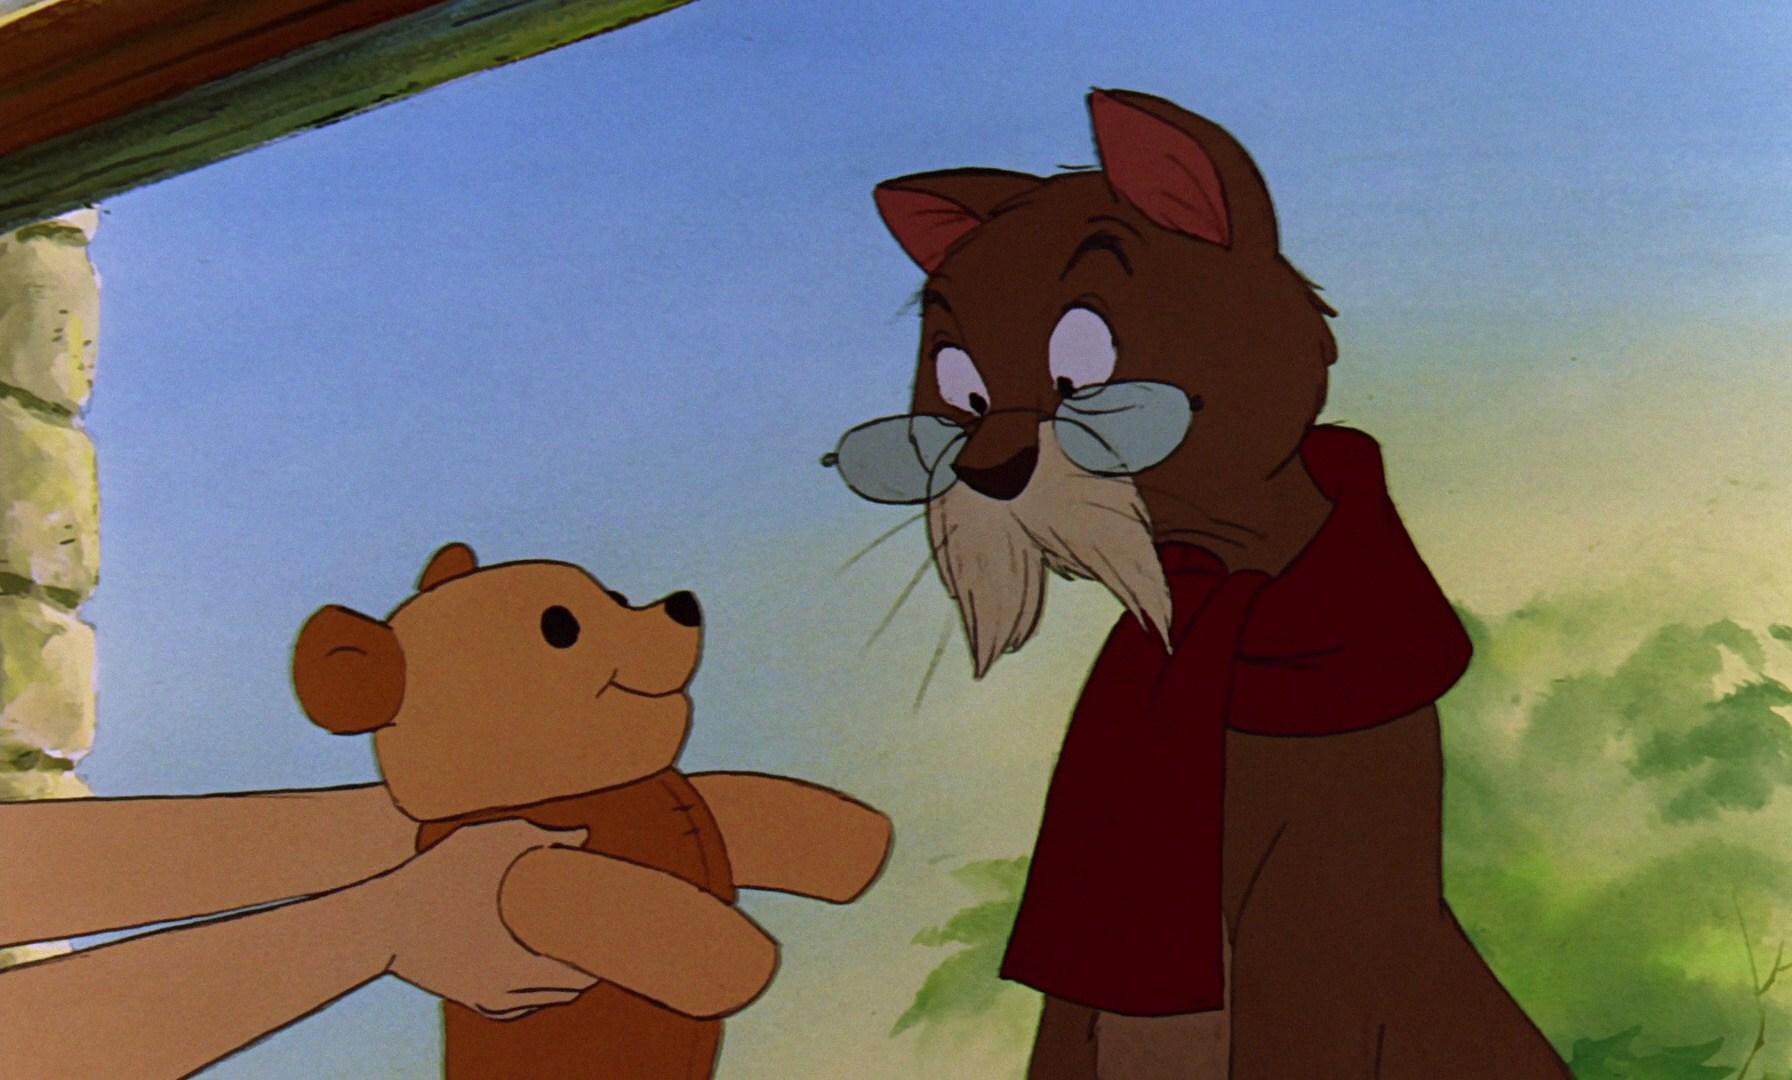 Penny's Teddy Bear